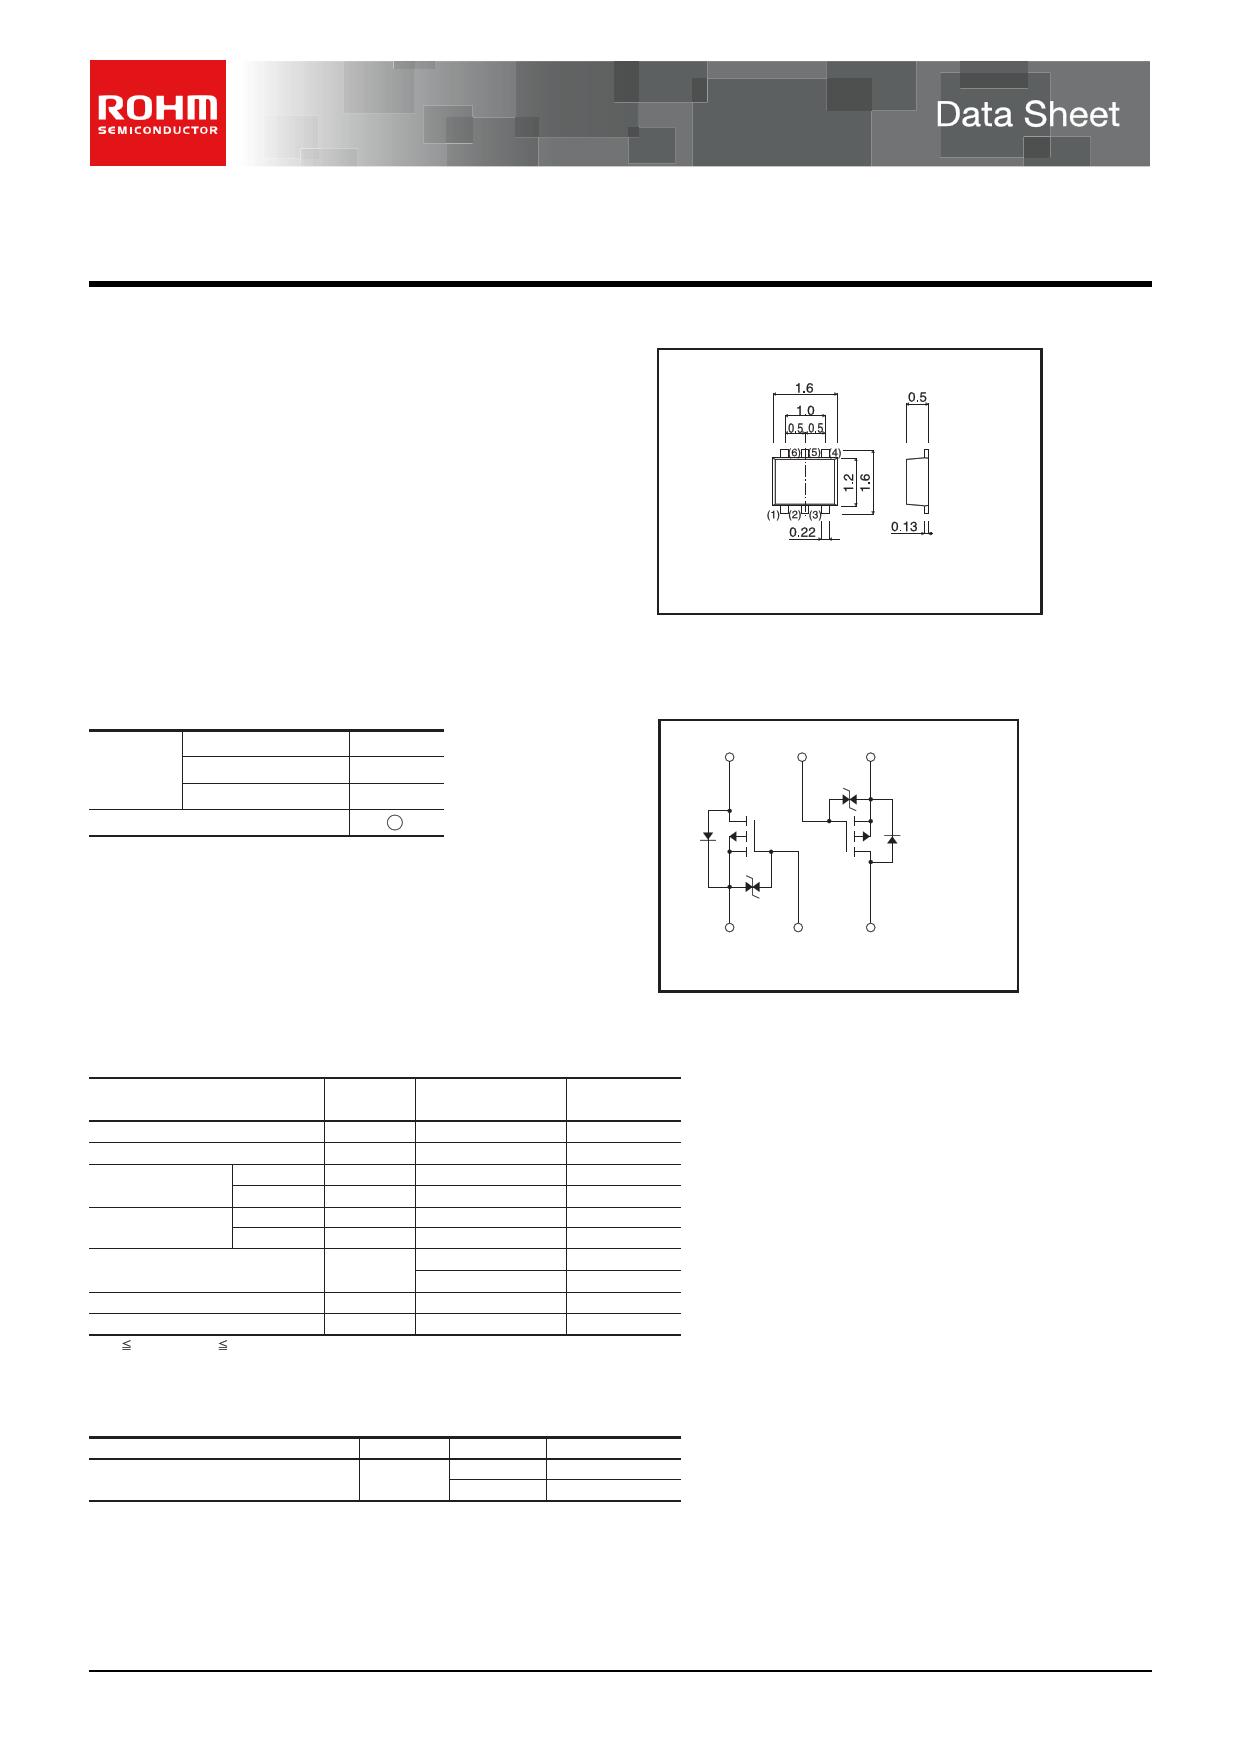 EM6J1 데이터시트 및 EM6J1 PDF